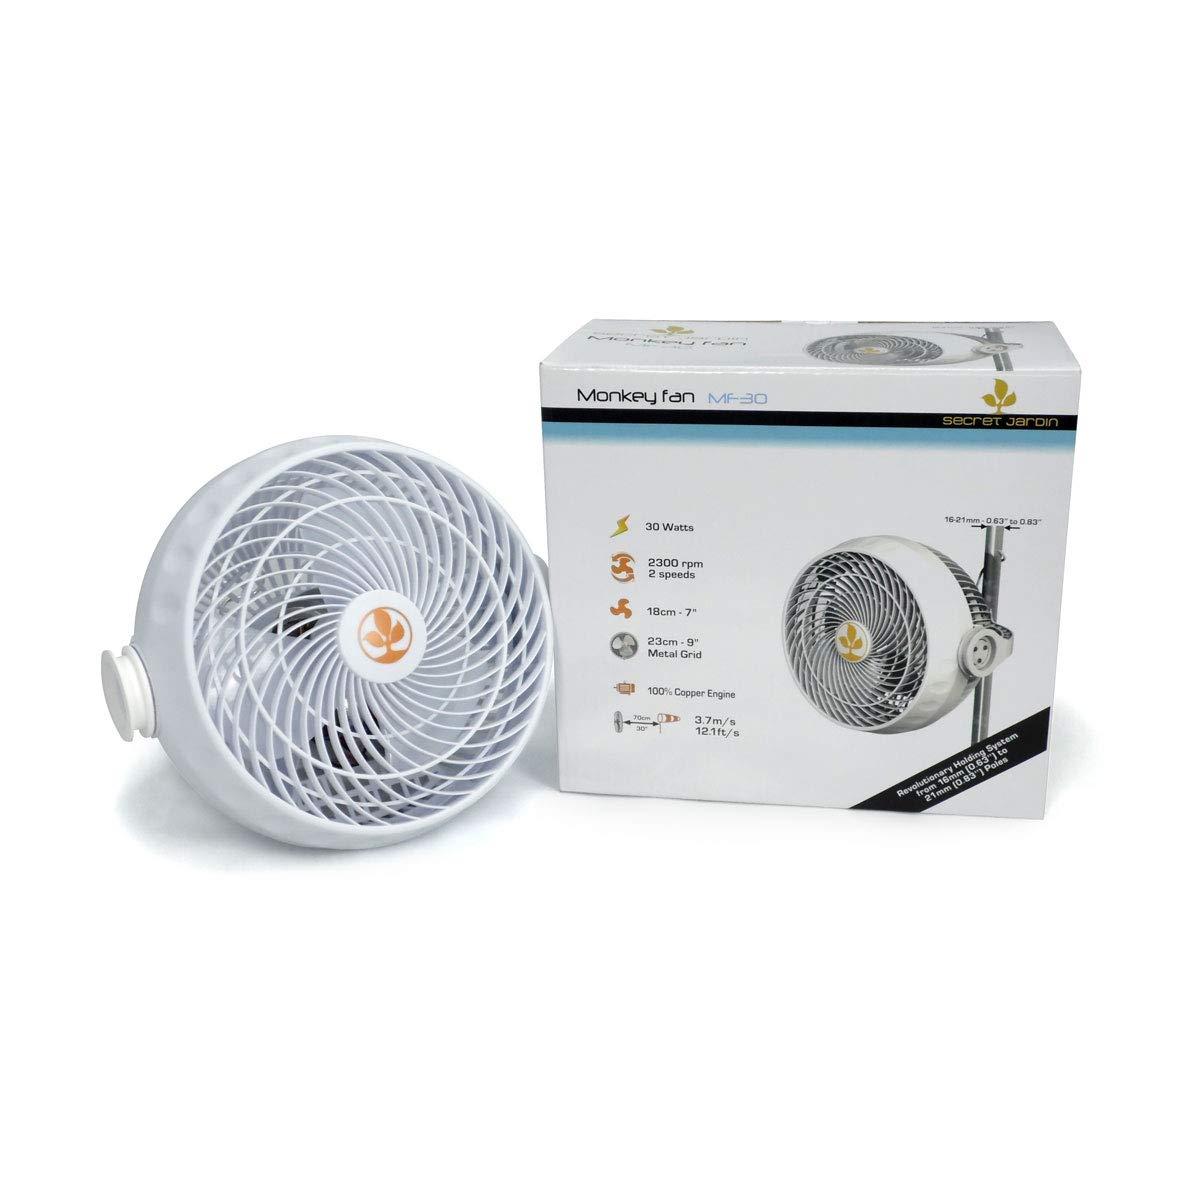 Fan / Air circulator with clip 18cm 30W Secret Jardin (Monkey Fan MF30)